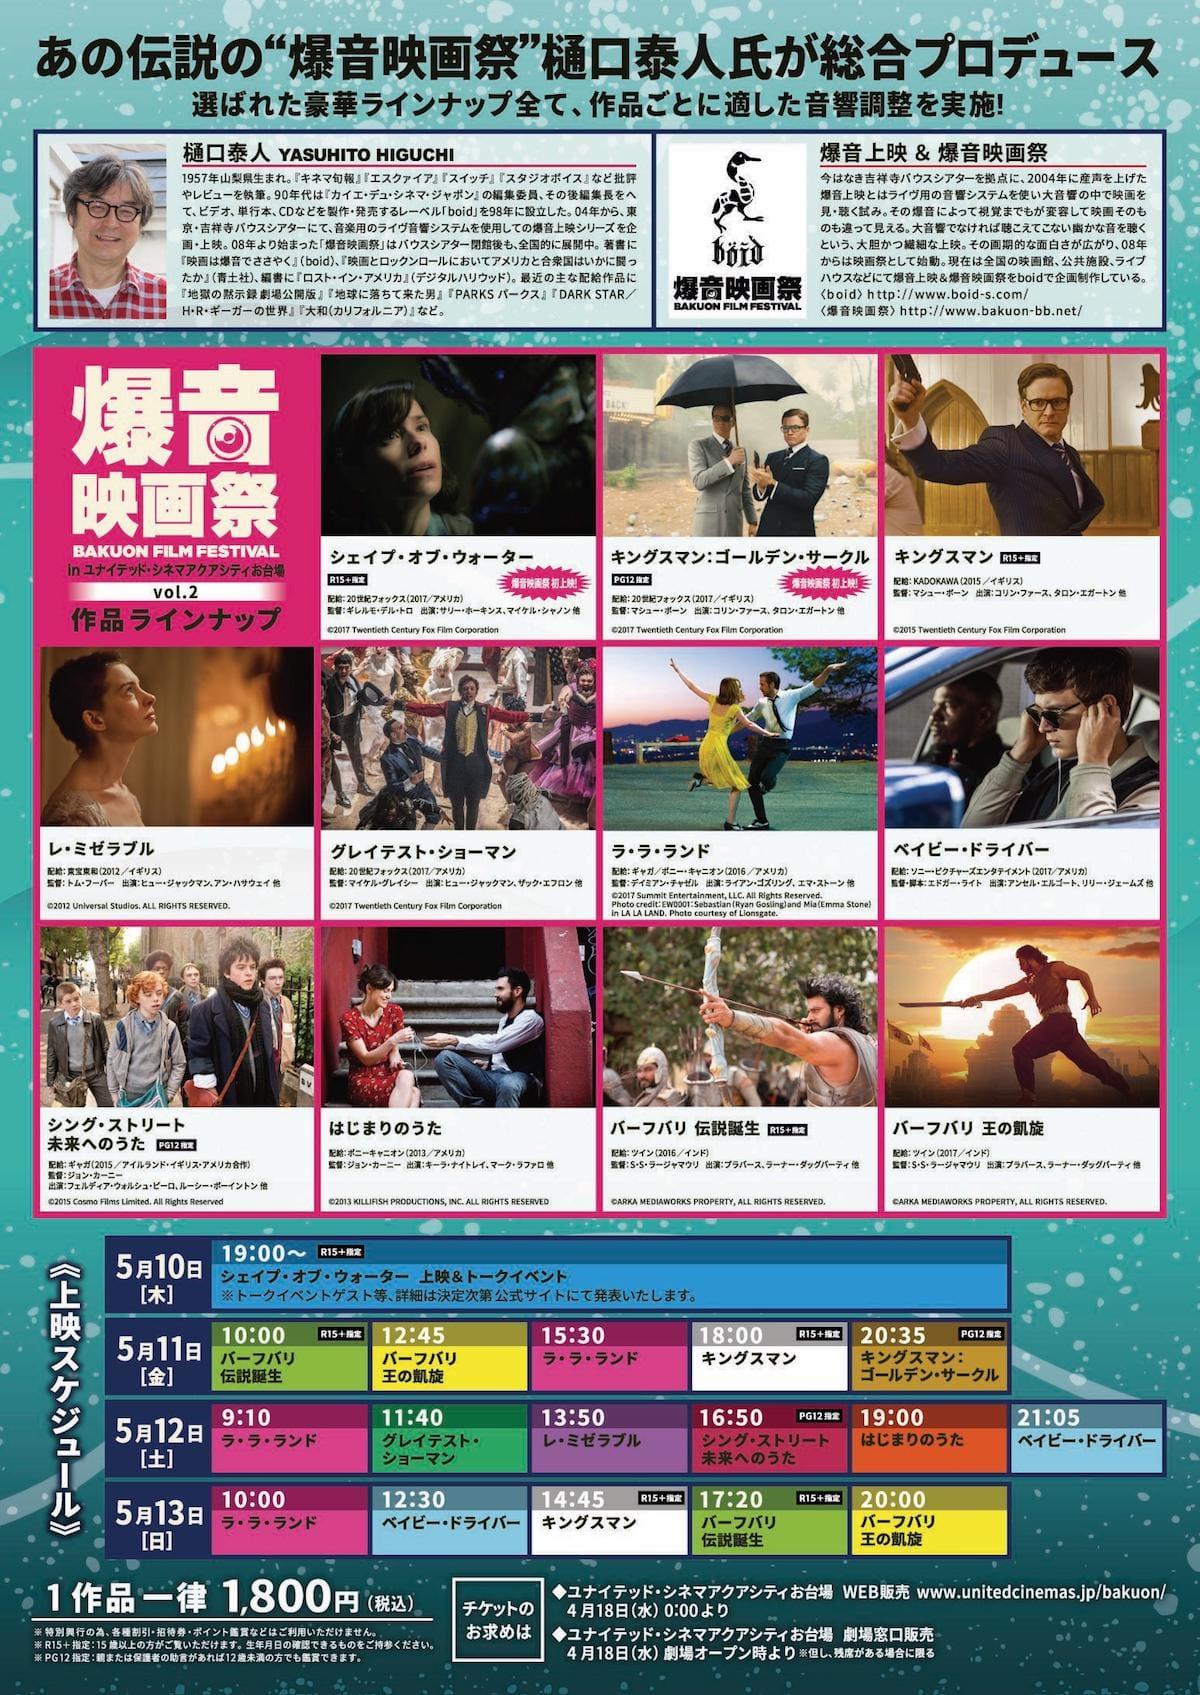 お台場で爆音映画祭が開催!『シェイプ・オブ・ウォーター』や『キングスマン』最新作など計11本 film180420_bakuon_bb_5-1200x1695